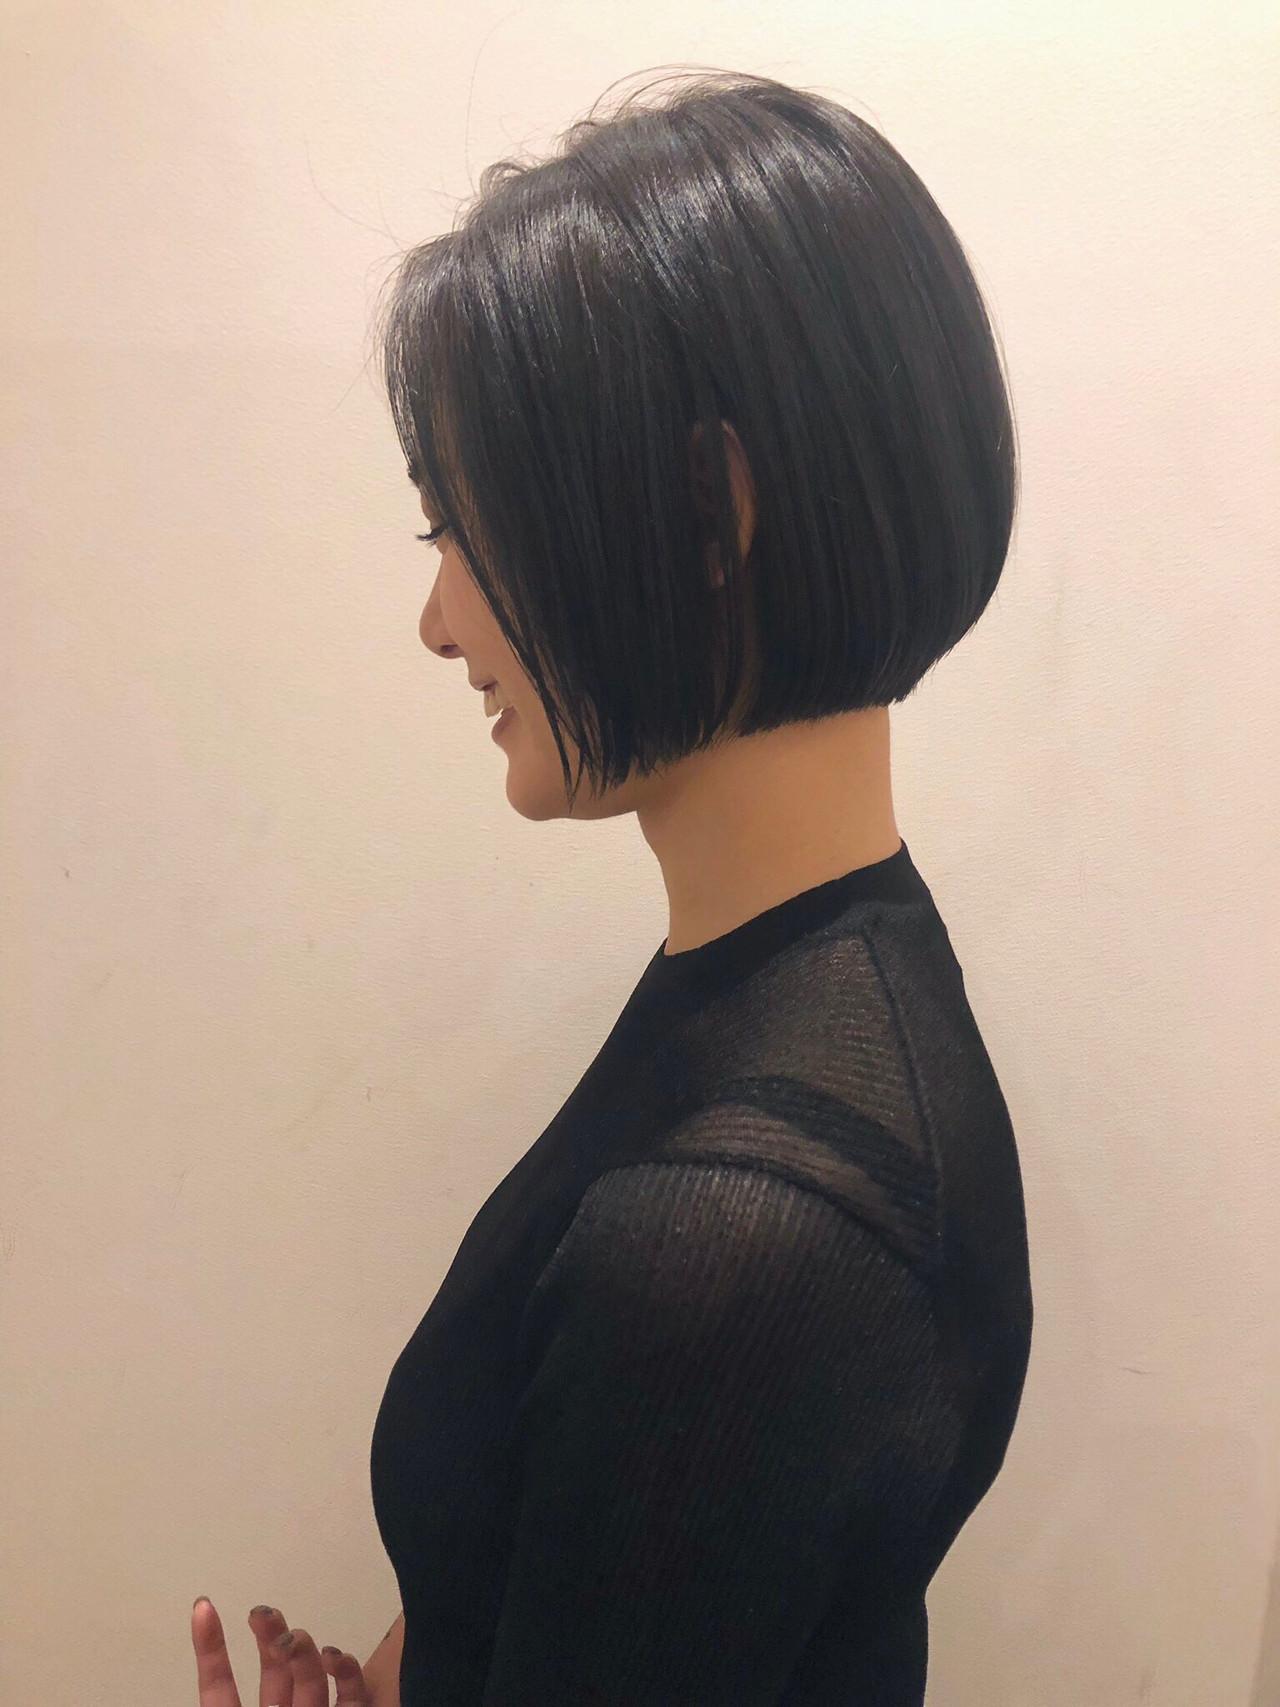 ボブ 黒髪 ショートヘア 黒髪ショート ヘアスタイルや髪型の写真・画像 | hayase (ヨシモトハヤセ) / Nove Lina